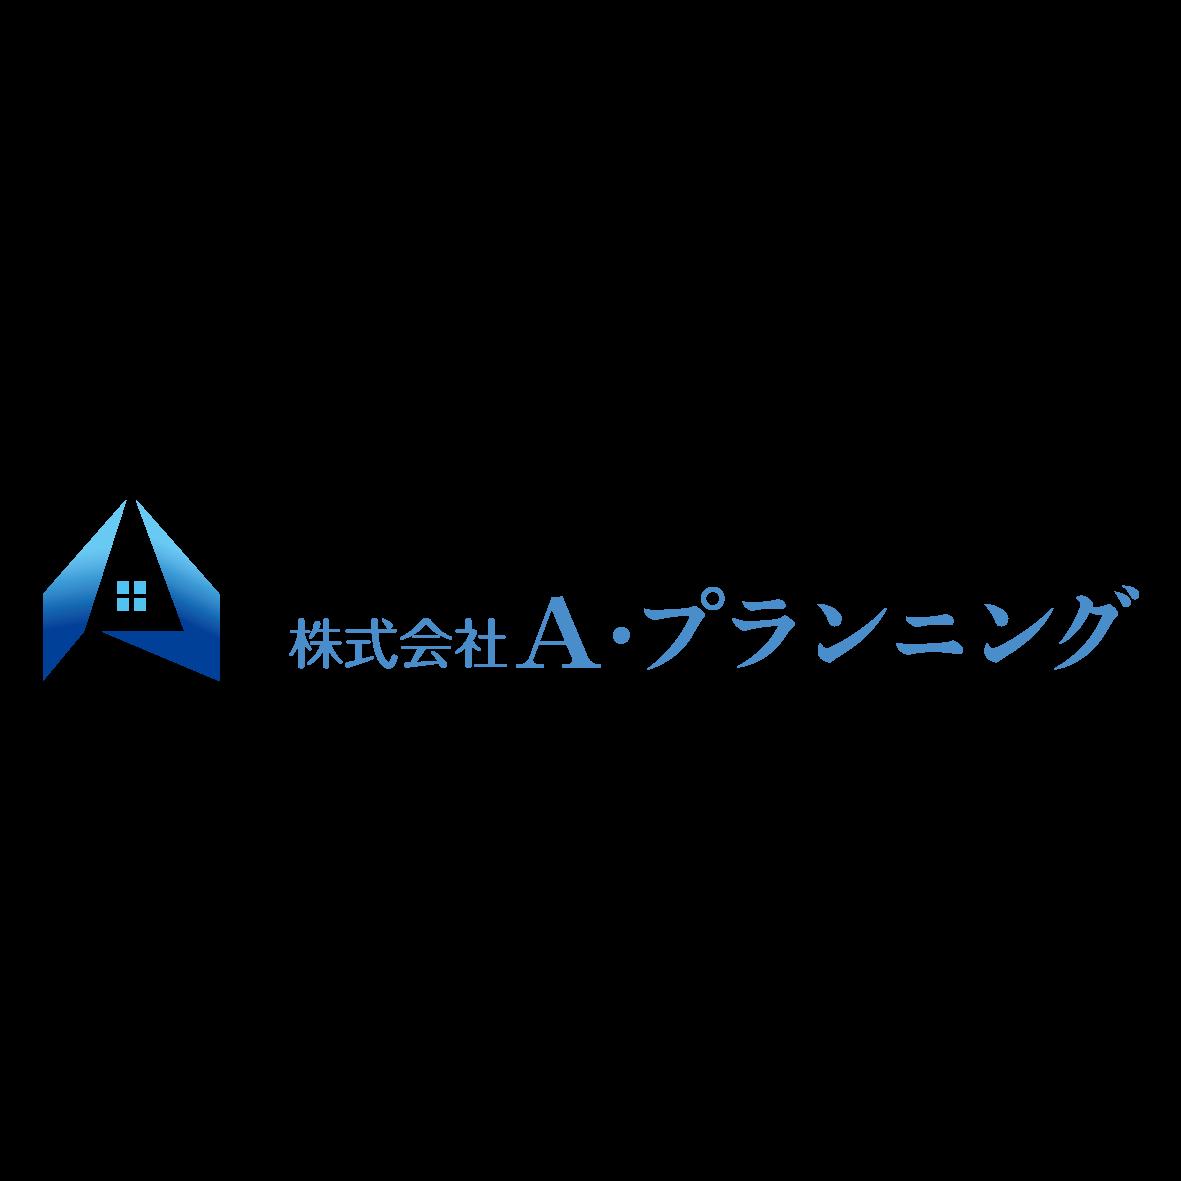 株式会社A・プランニング